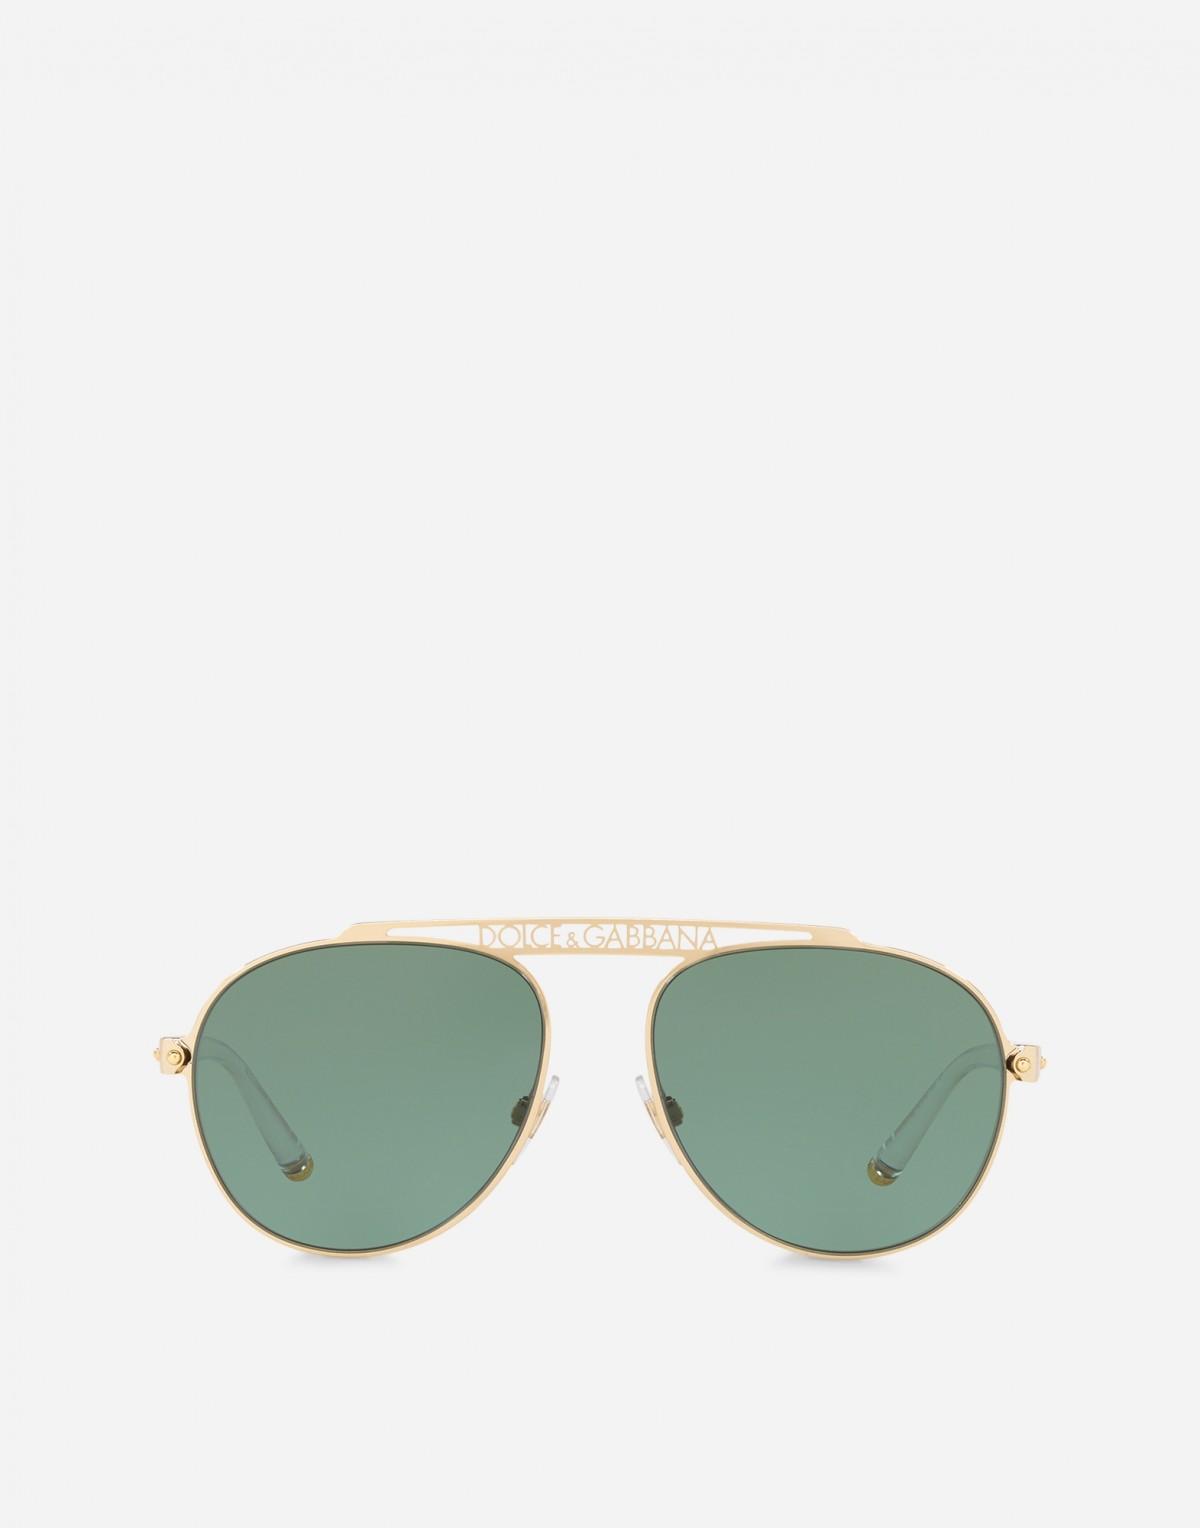 Dolce & Gabbana 2235 02/82 57, 115,99€, Occhiali Dolce&Gabbana Oro a forma Goccia aviator